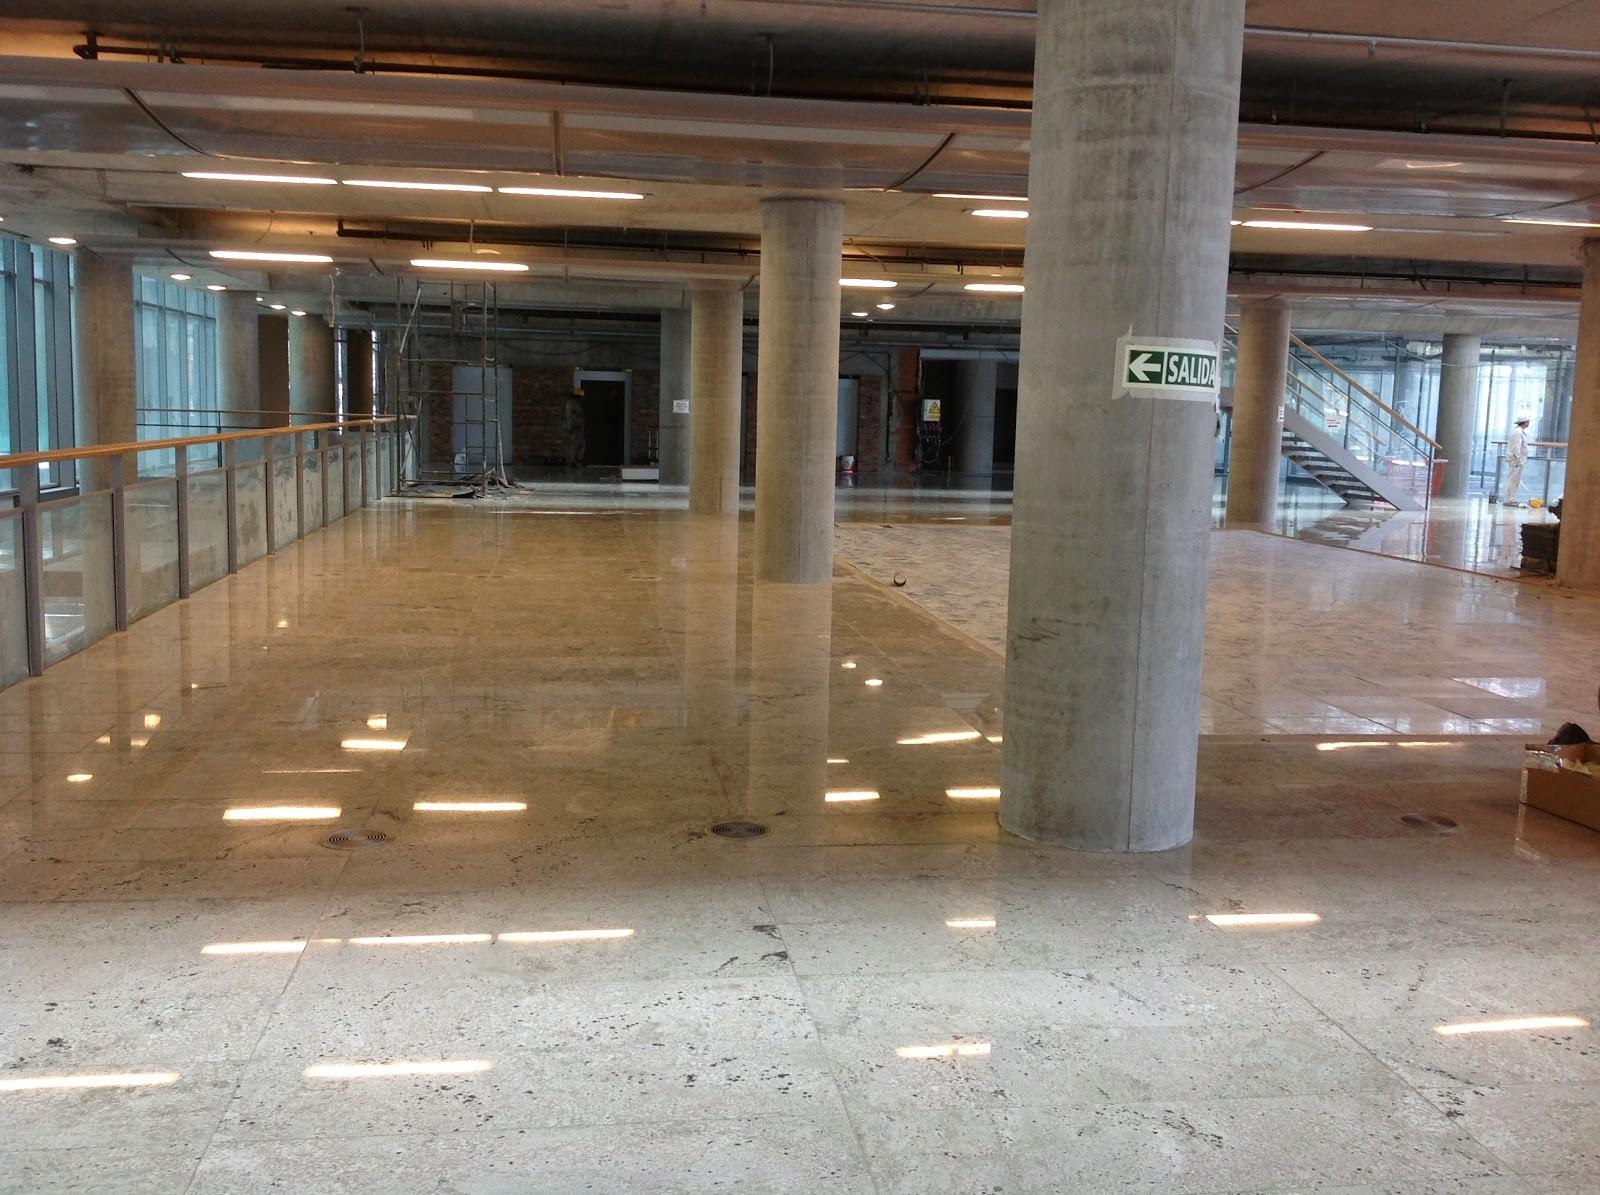 Criba Cede Banco Ciudad 2014 028